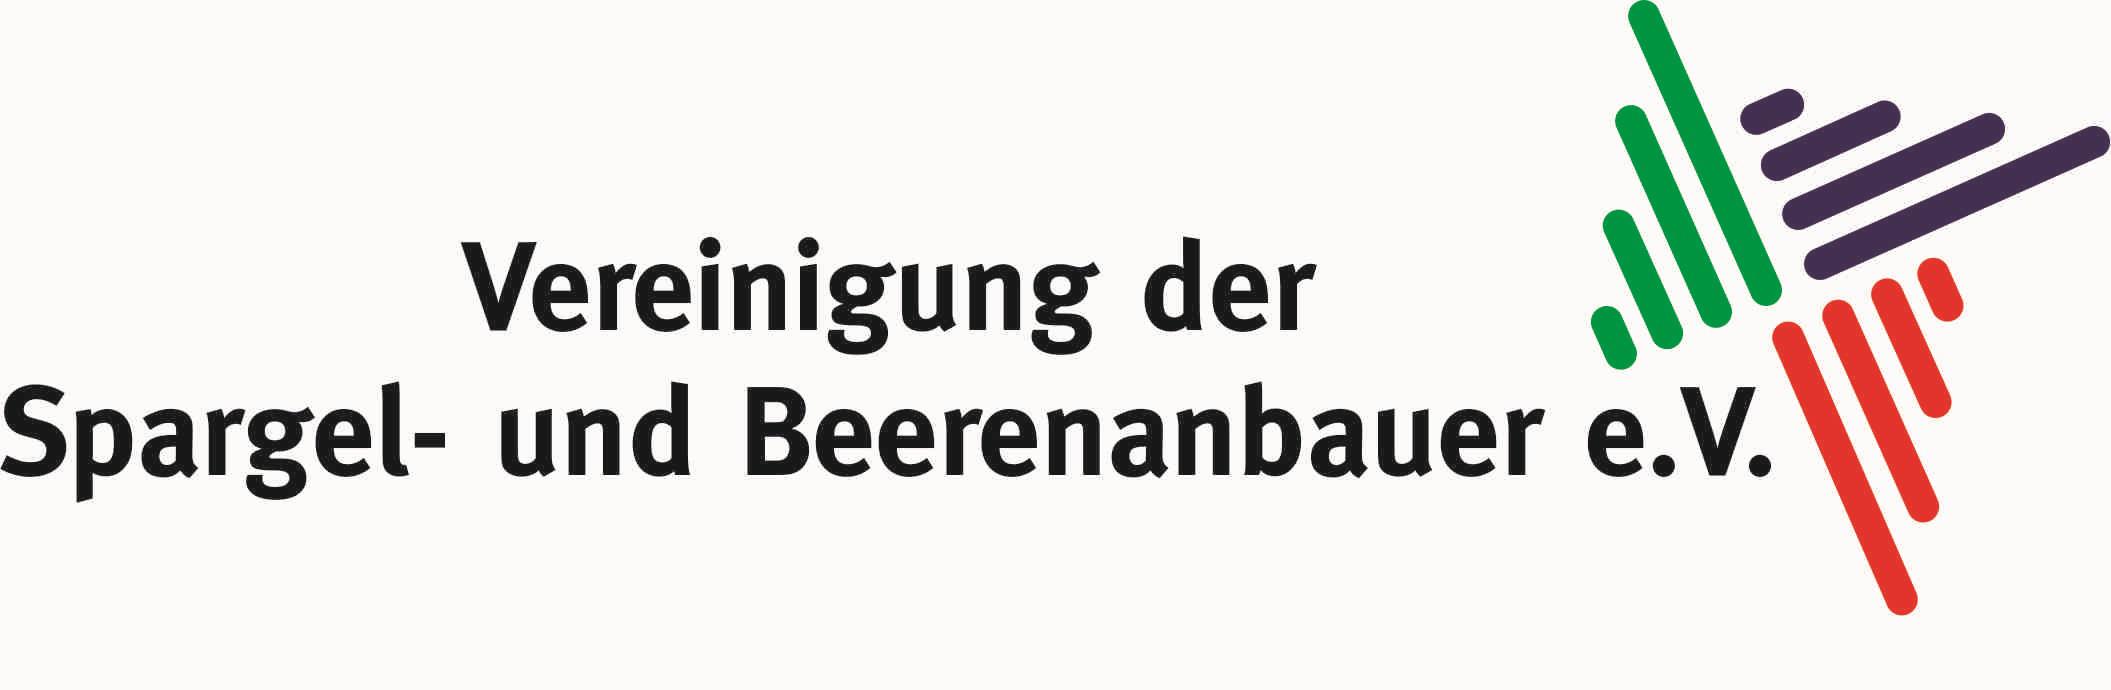 Vereinigung der Spargel- und Beerenanbauer e.V.